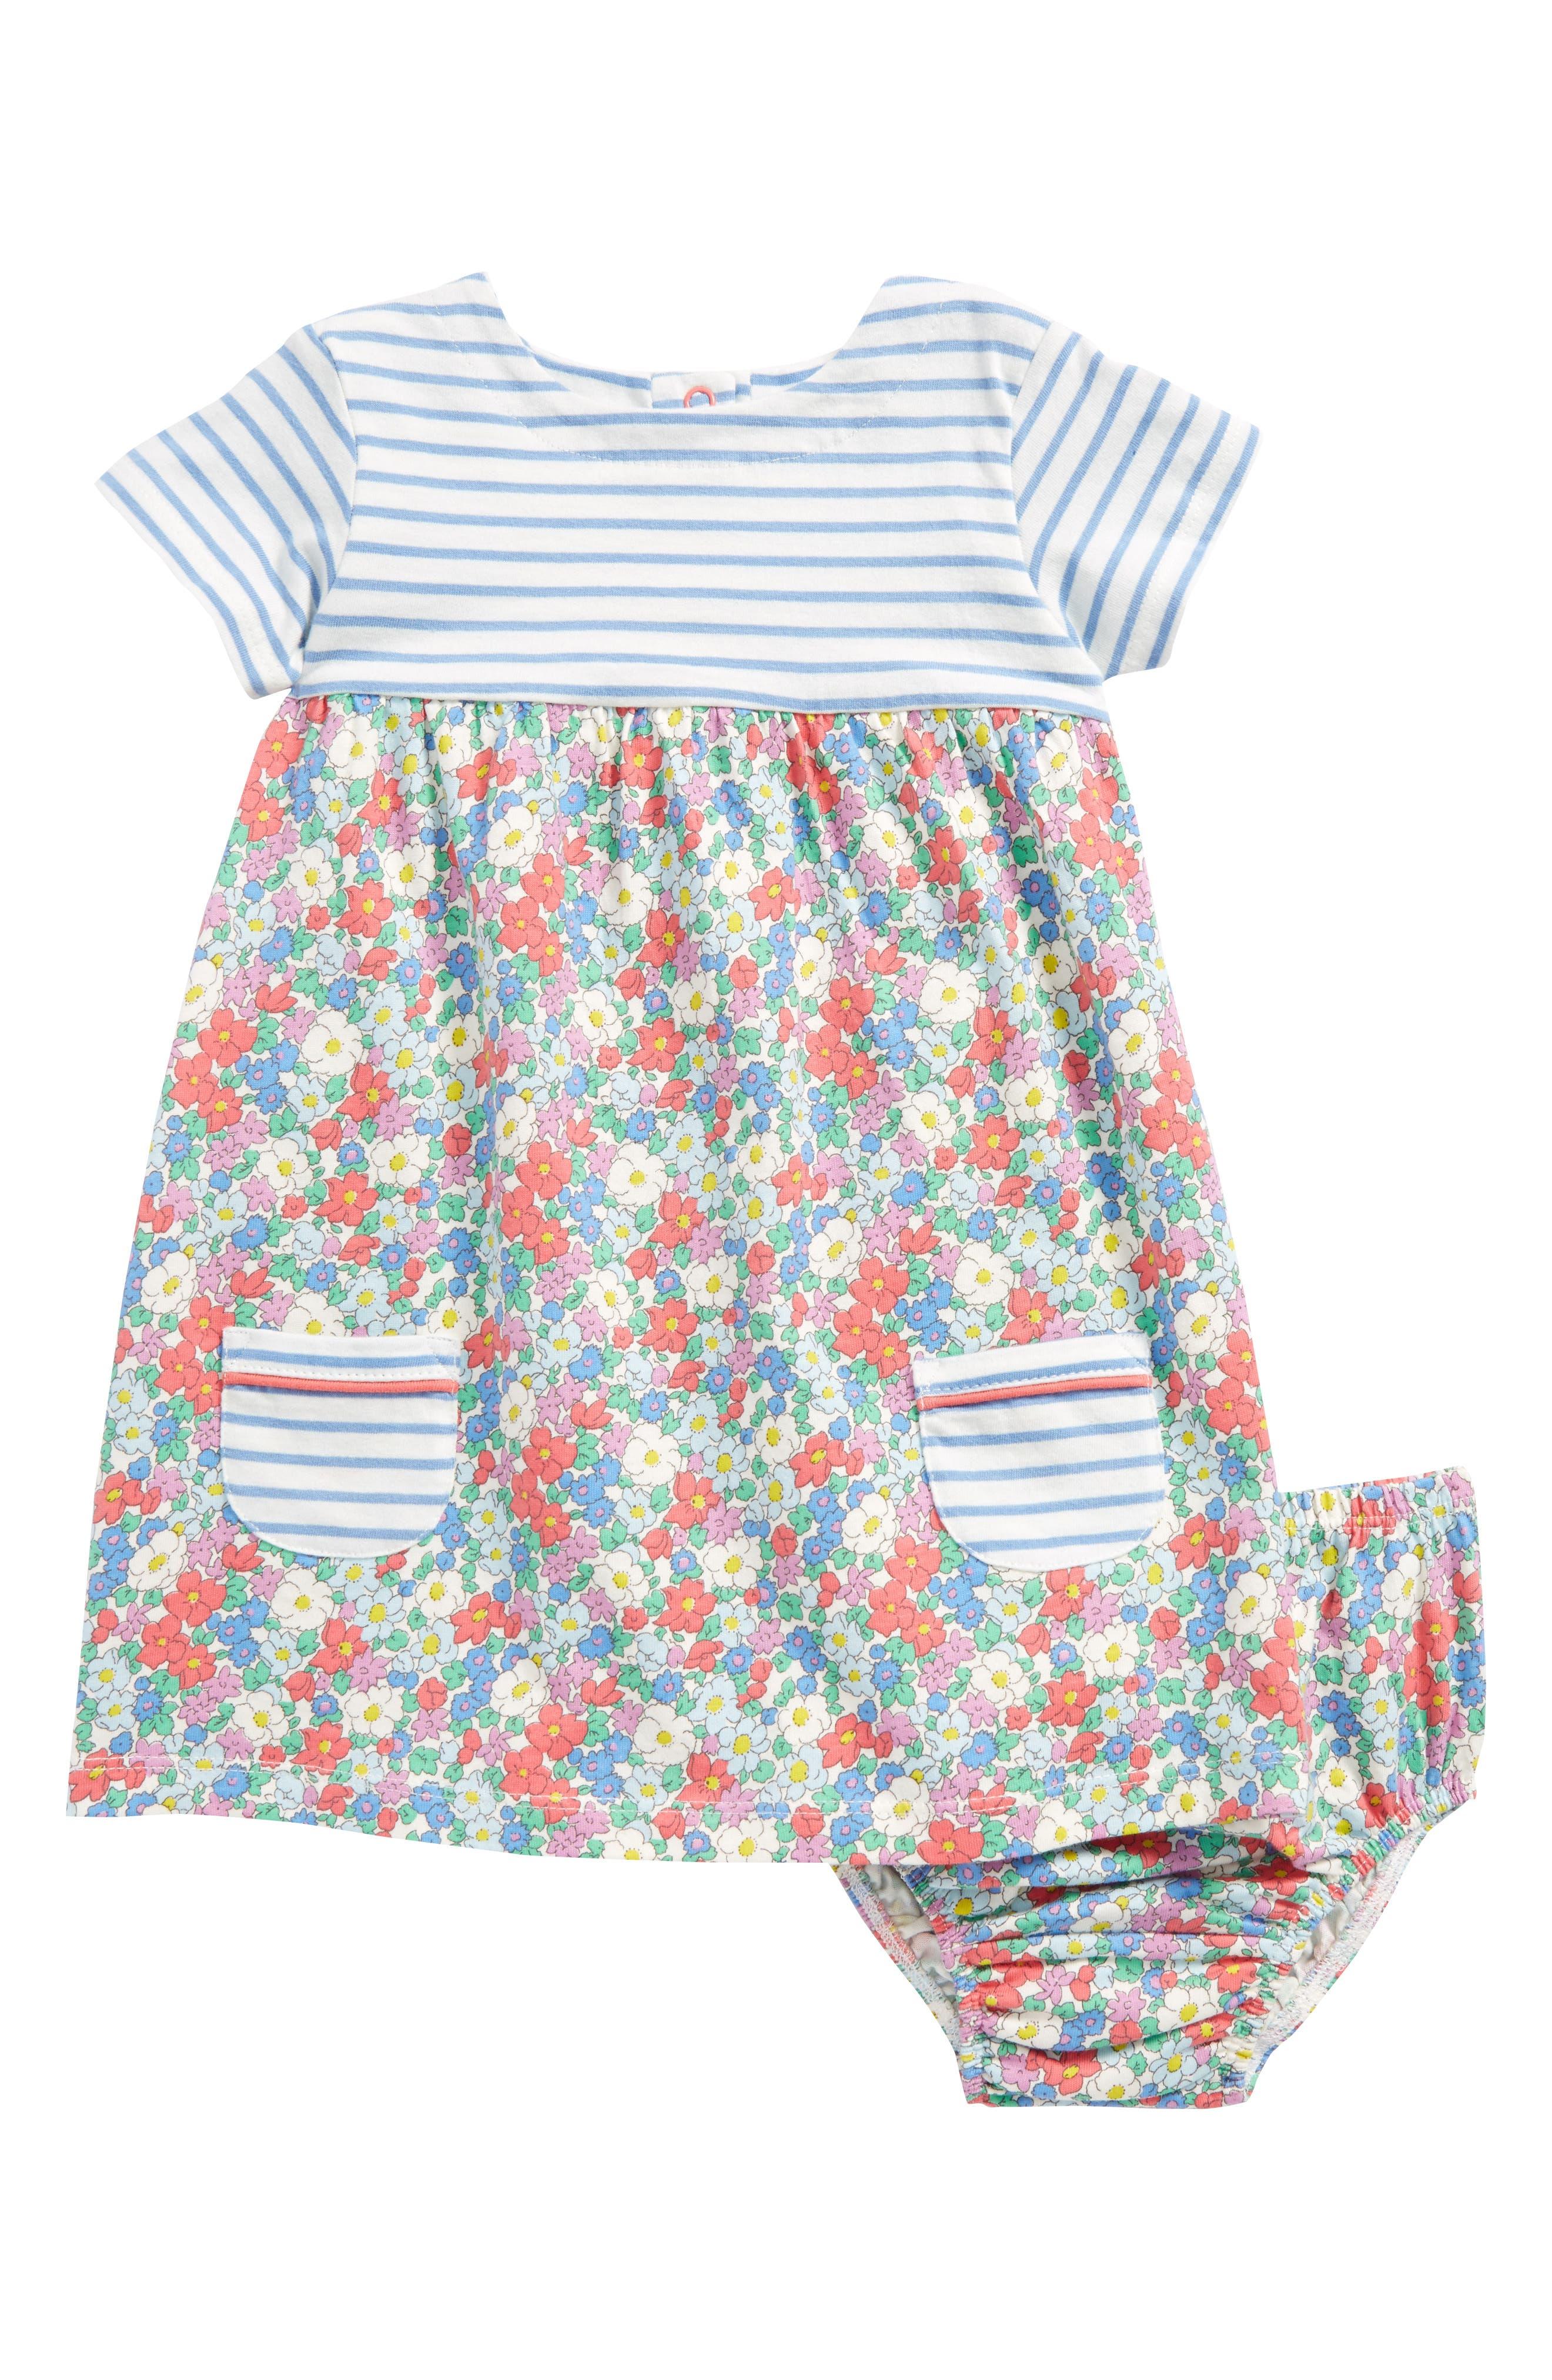 Hotchpotch Dress,                             Main thumbnail 1, color,                             Vintage Floral